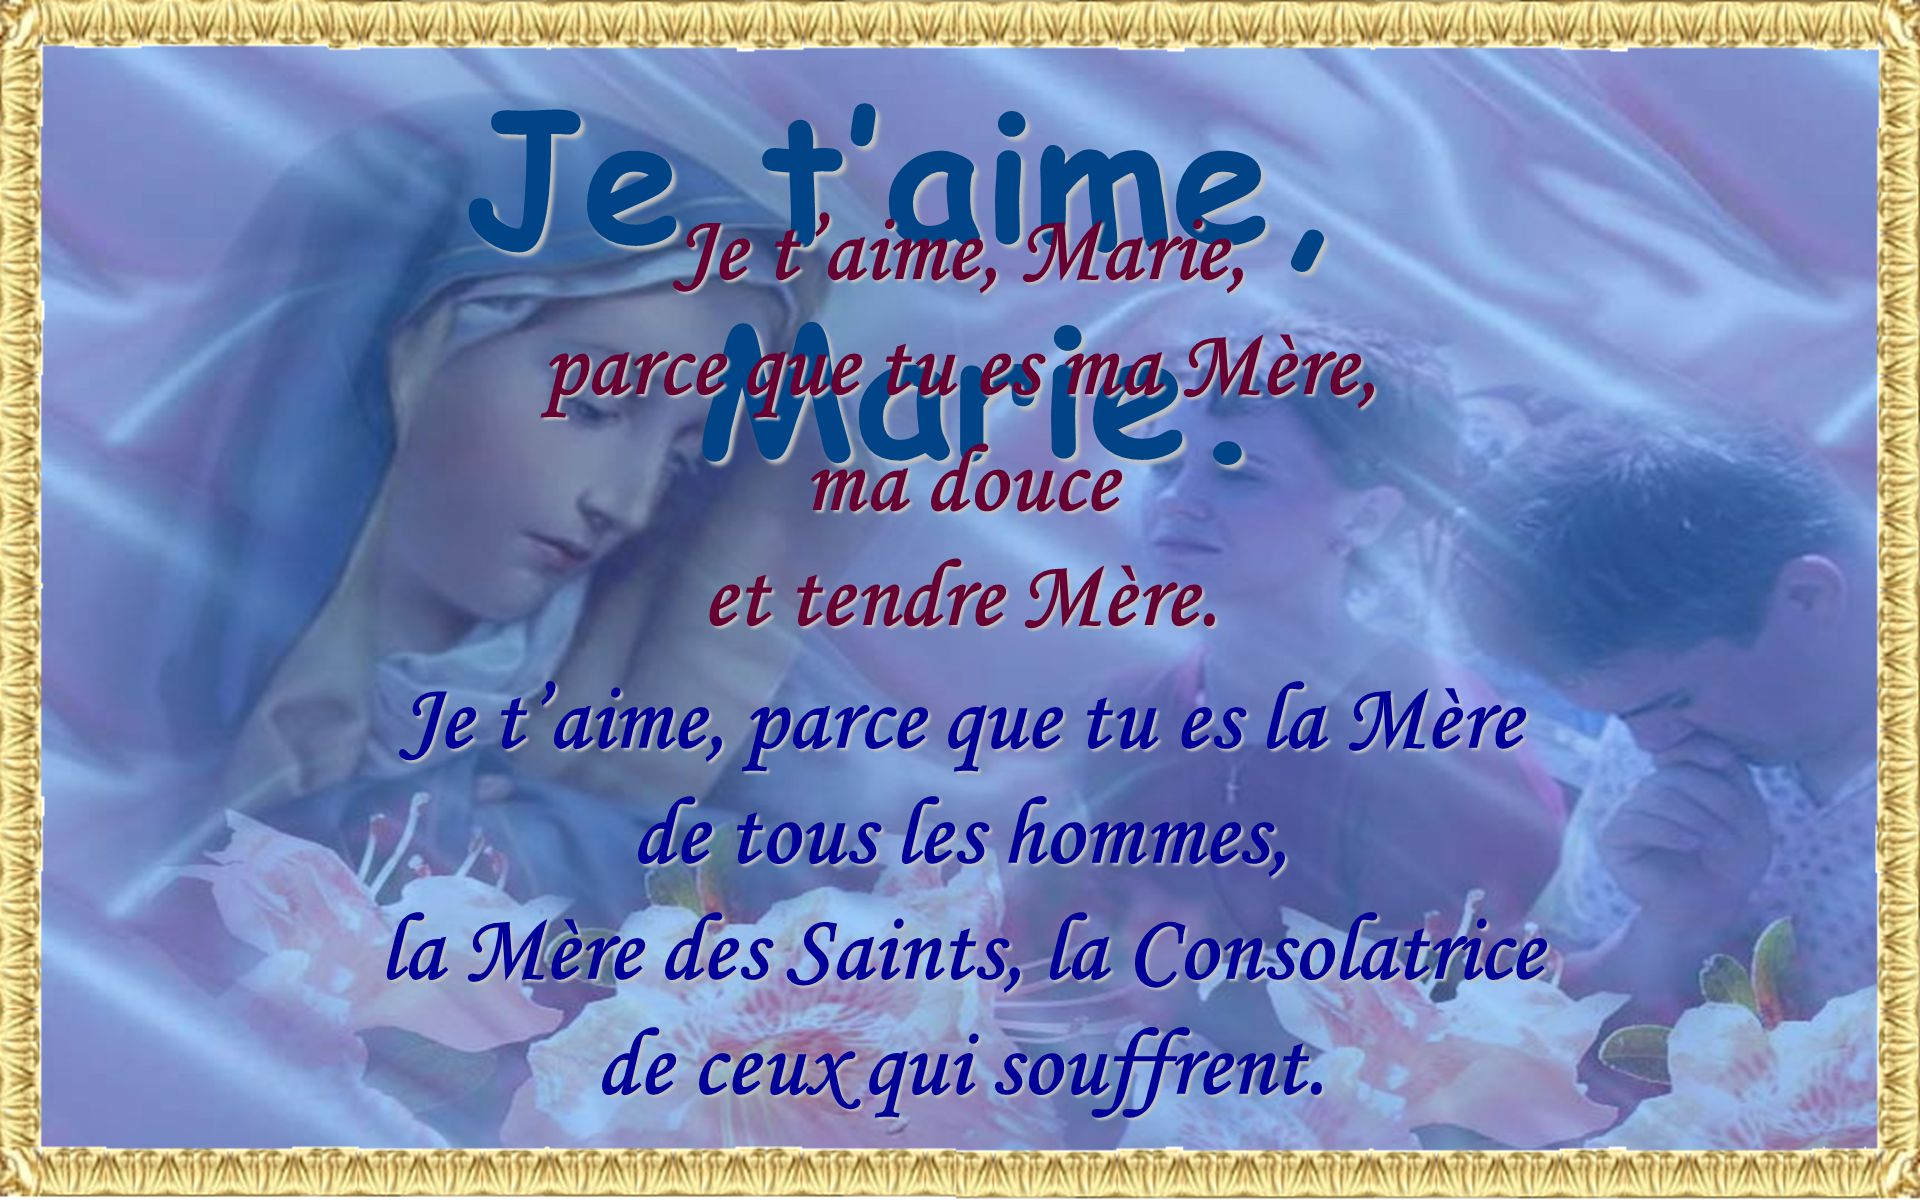 Je t'aime, parce que tu es la Mère la Mère des Saints, la Consolatrice